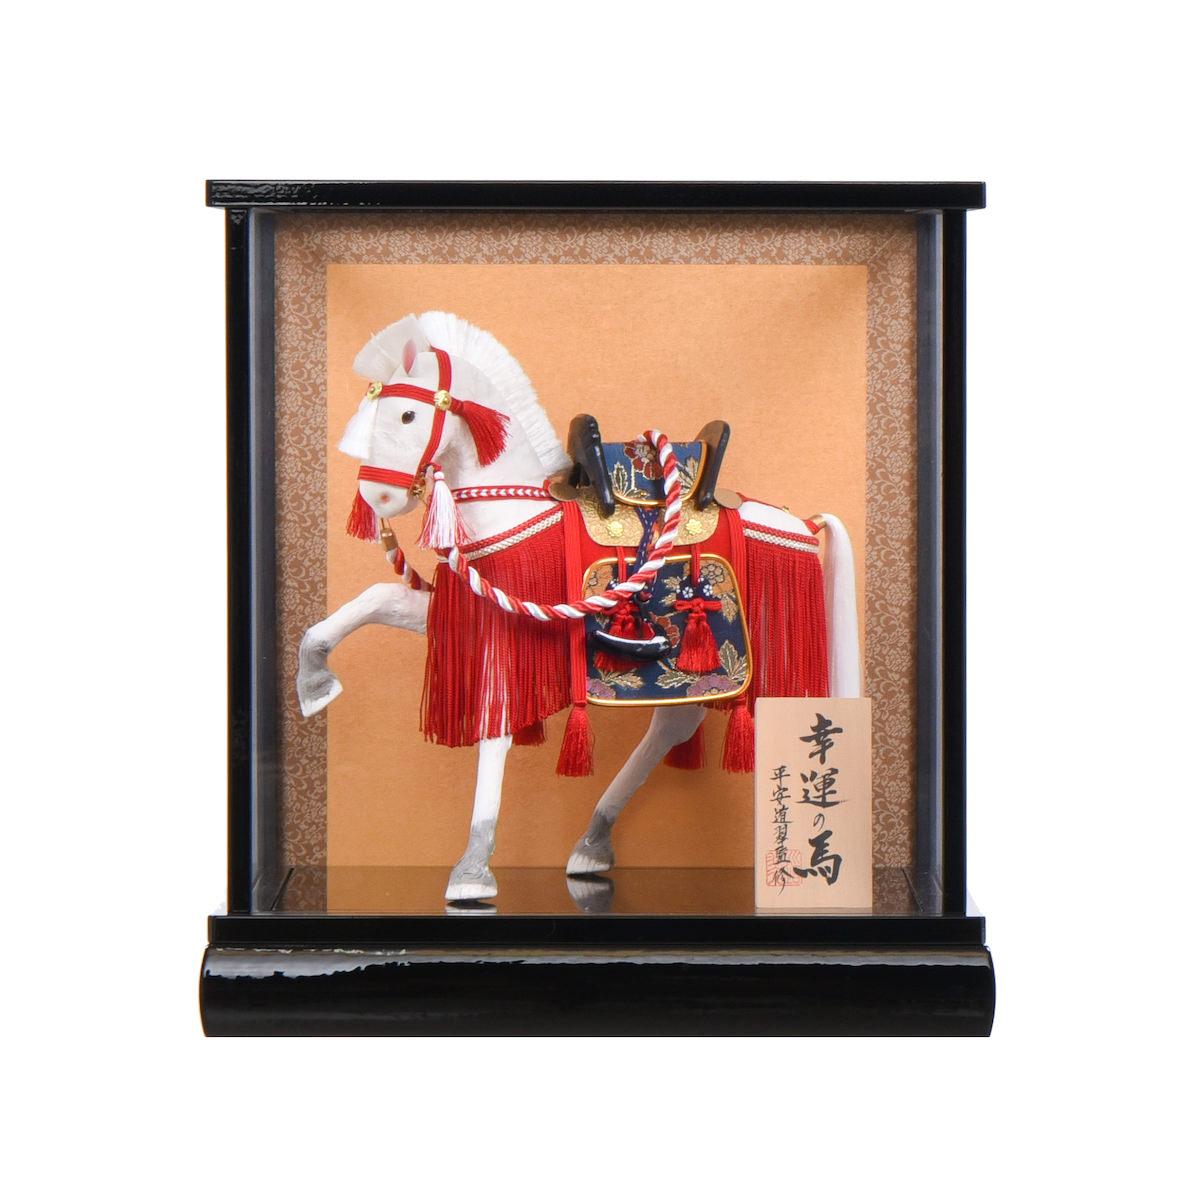 飾馬赤8号 五月人形 ケース入り 送料無料